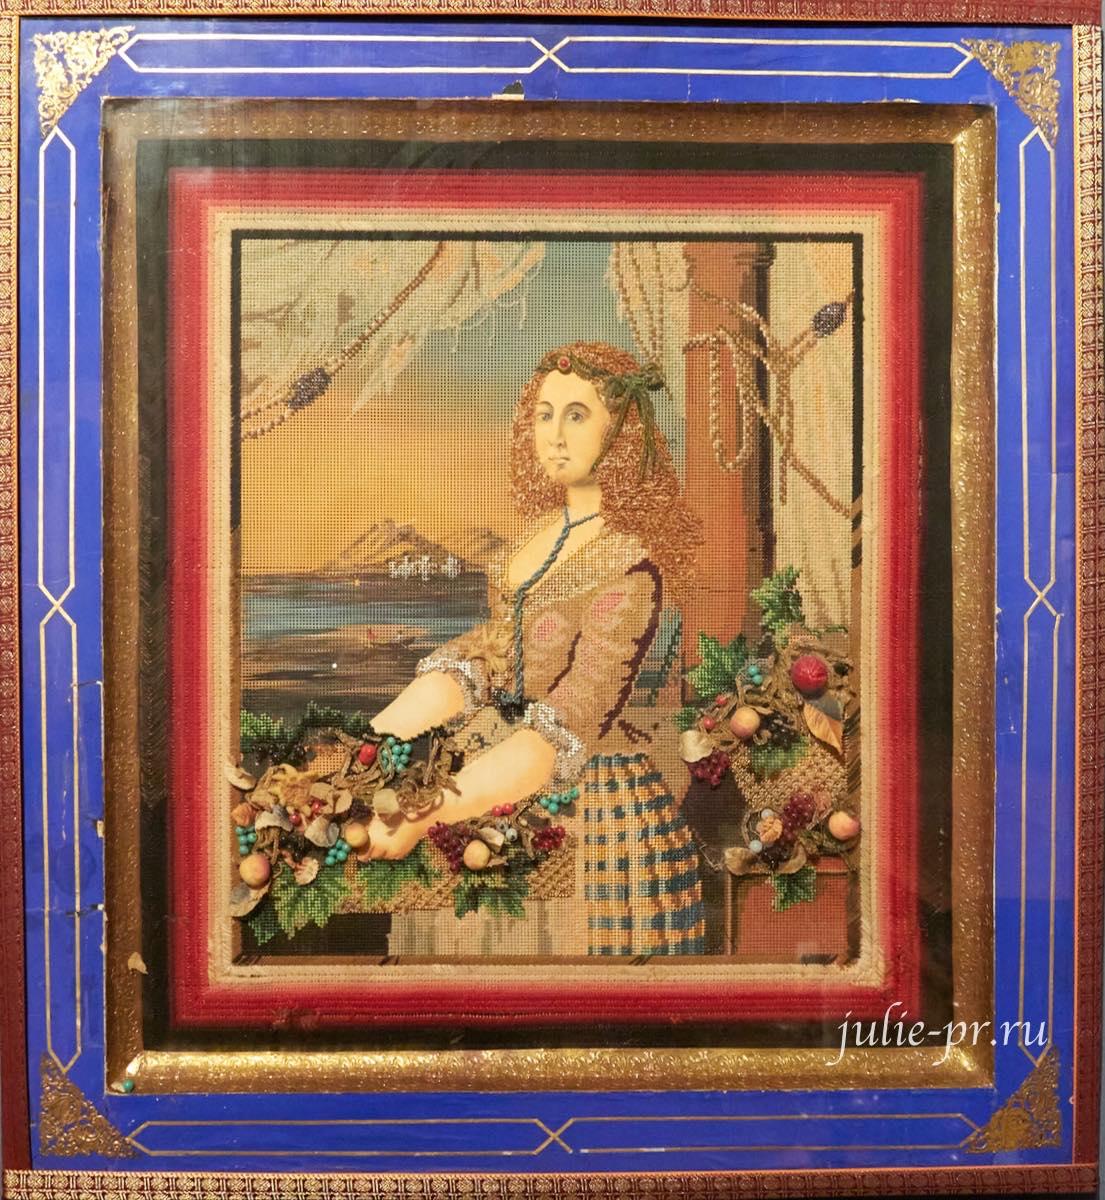 Портрет неаполитанки с корзиной цветов на фоне Везувия, 1850-е гг, Россия, вышивка крестом, выставка Старинные вышивки